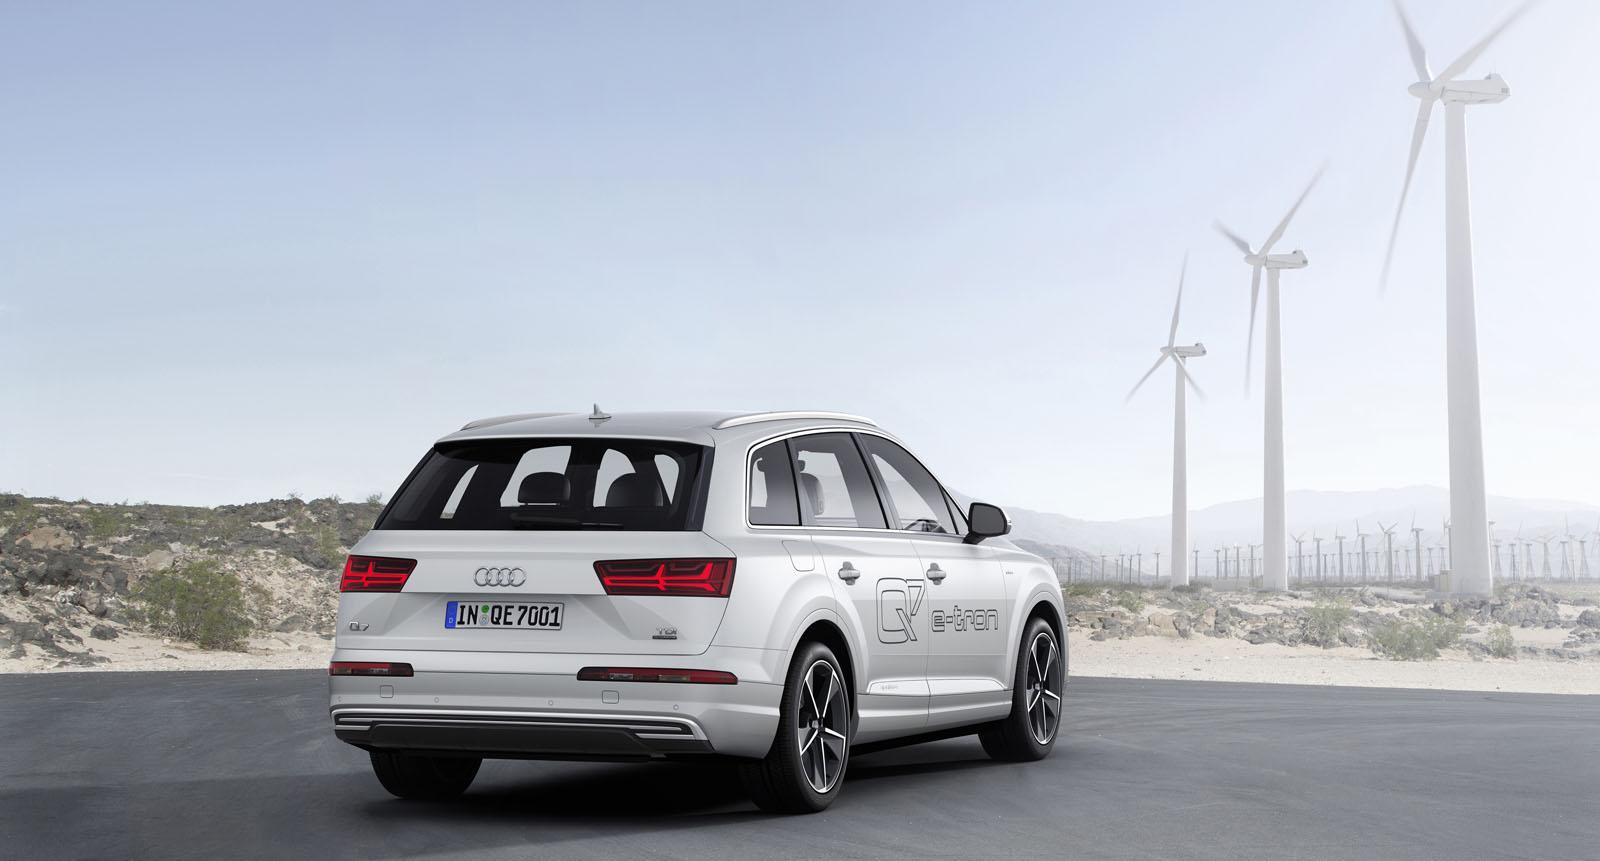 Yeni Audi Q7 E-Tron